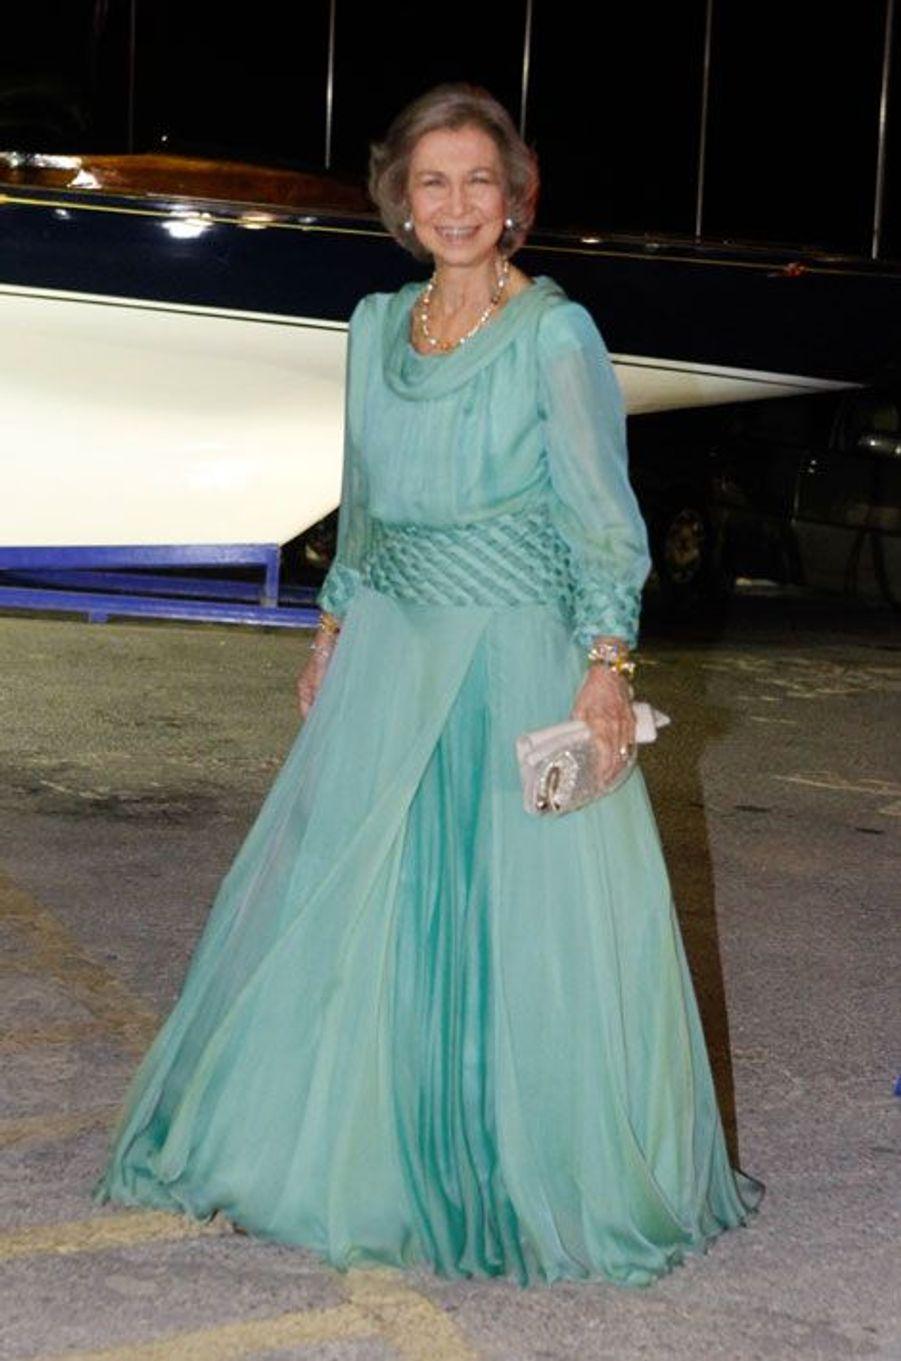 L'ancienne reine d'Espagne, Sophia d'Espagne, assiste aux noces d'or du roi de Grèce Constantin II et de la reine Anne-Marie, le 18 septembre en Gr...